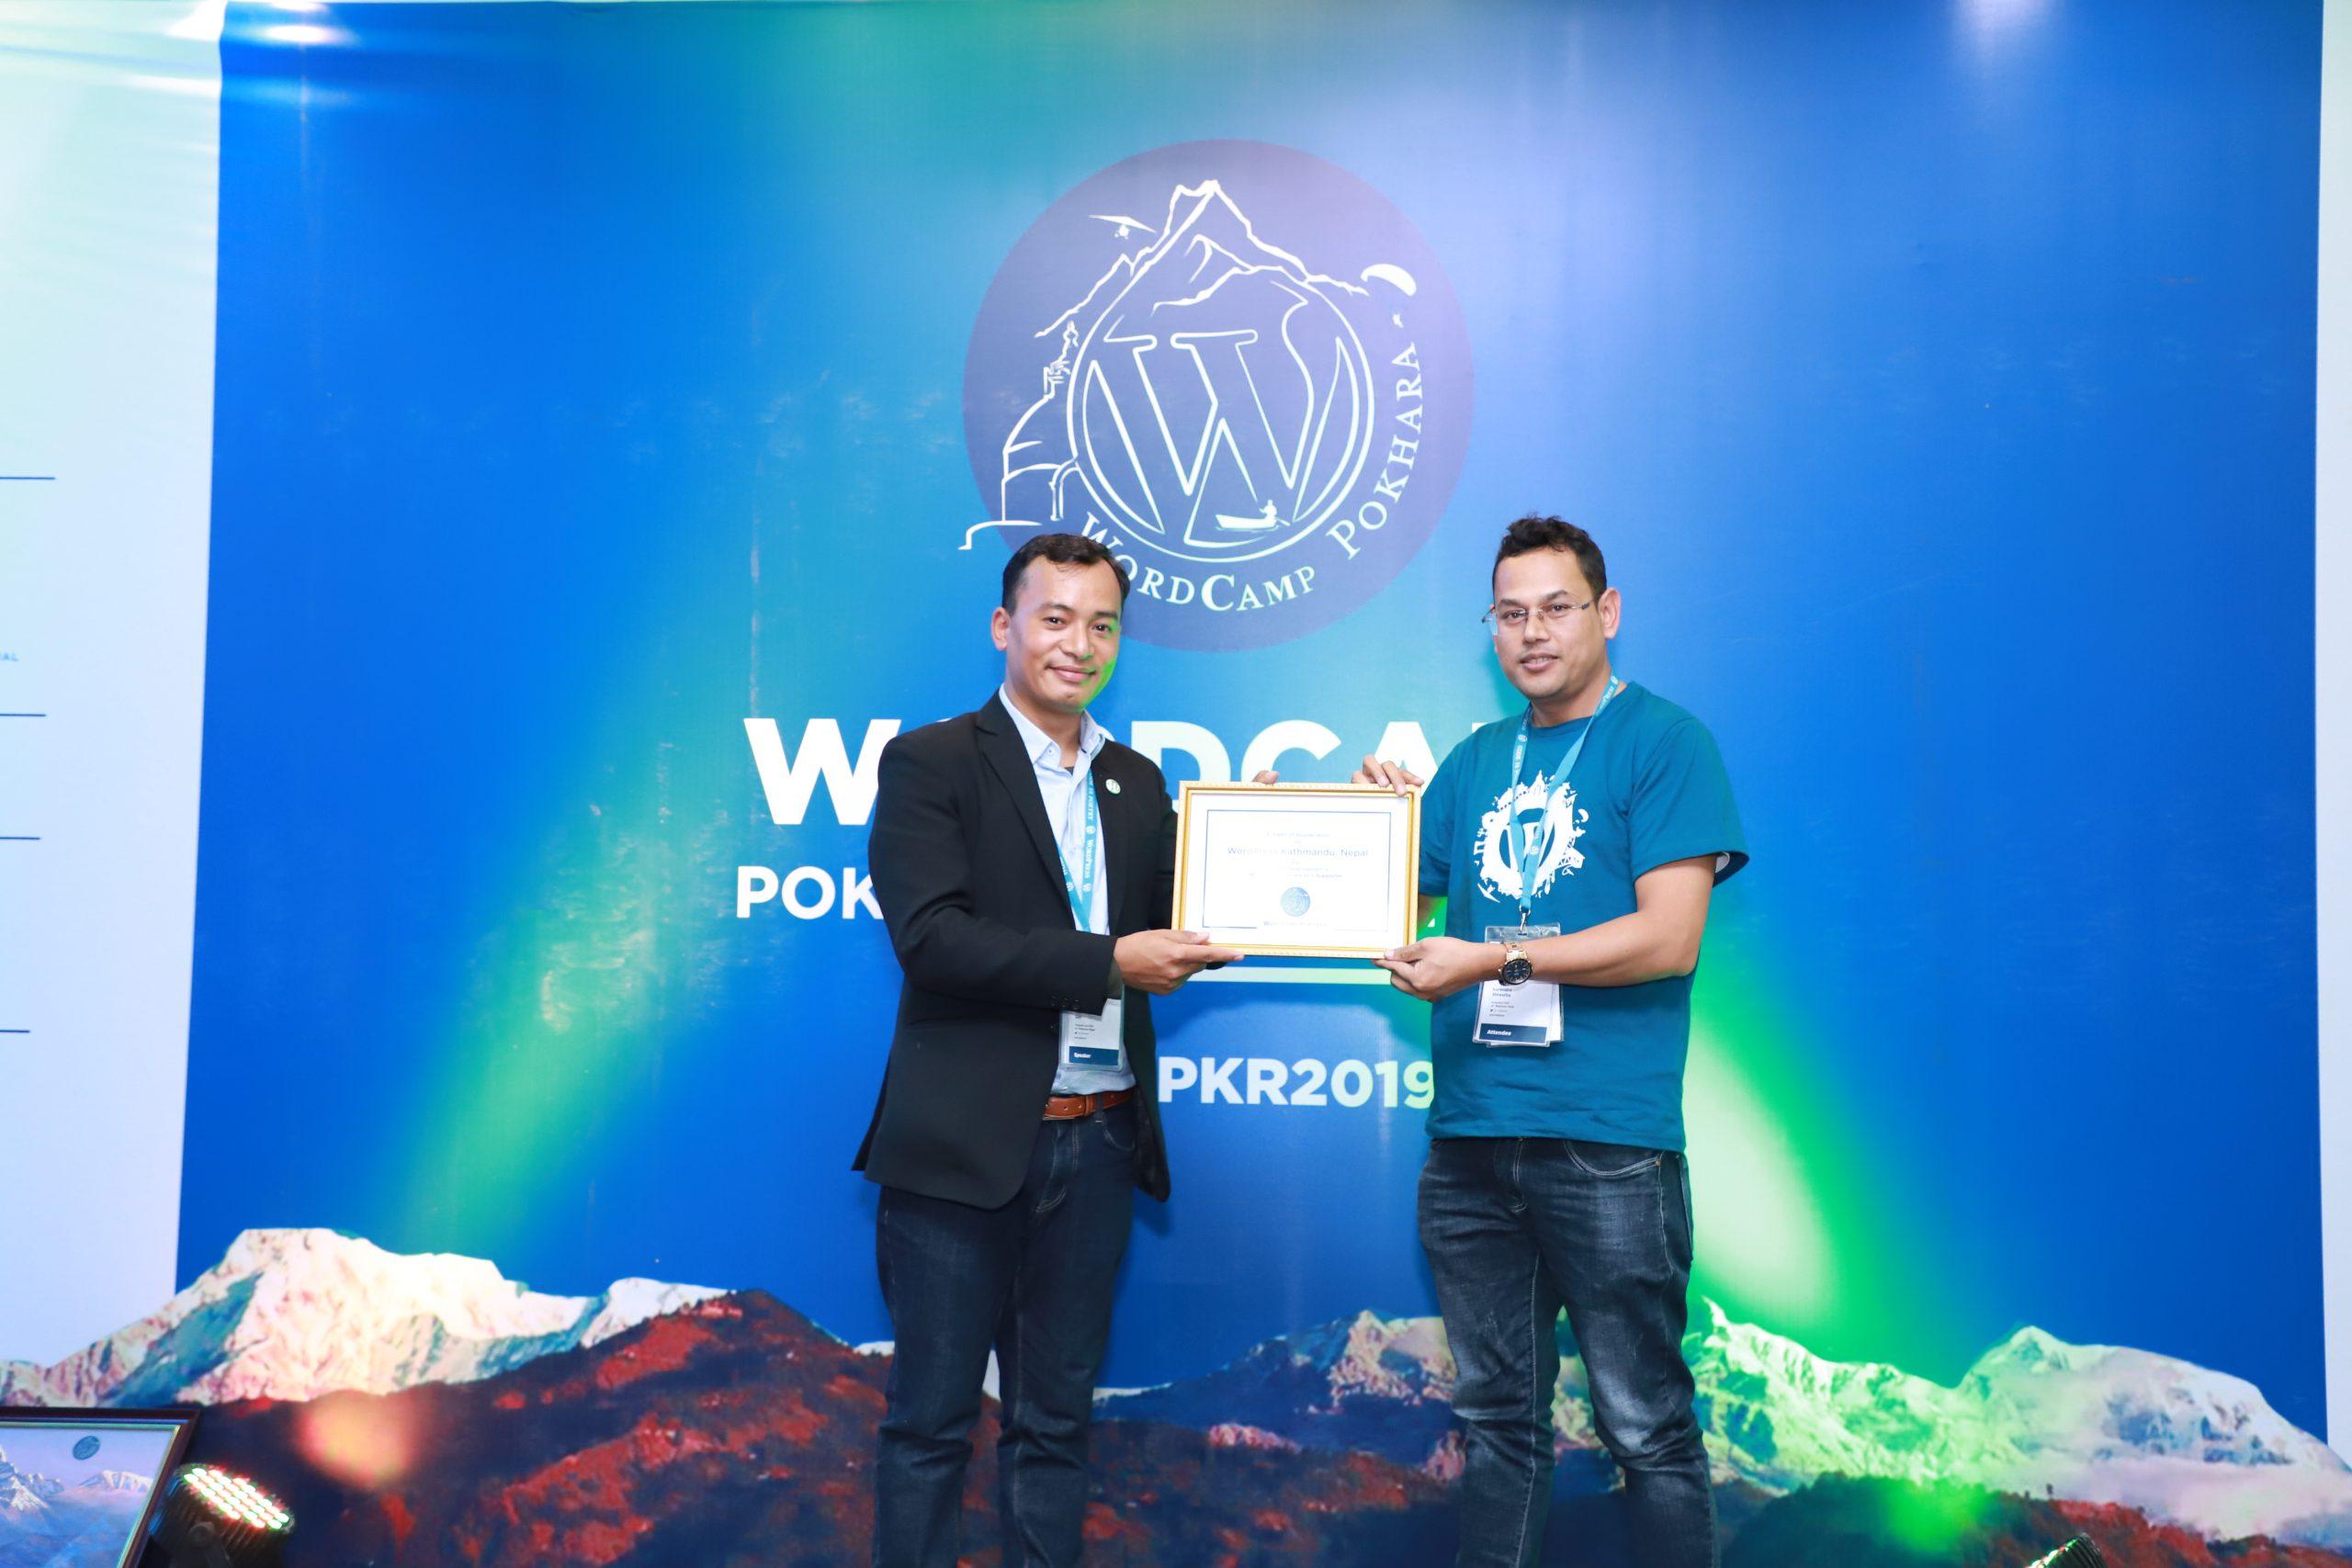 WordCamp Pokhara 2019